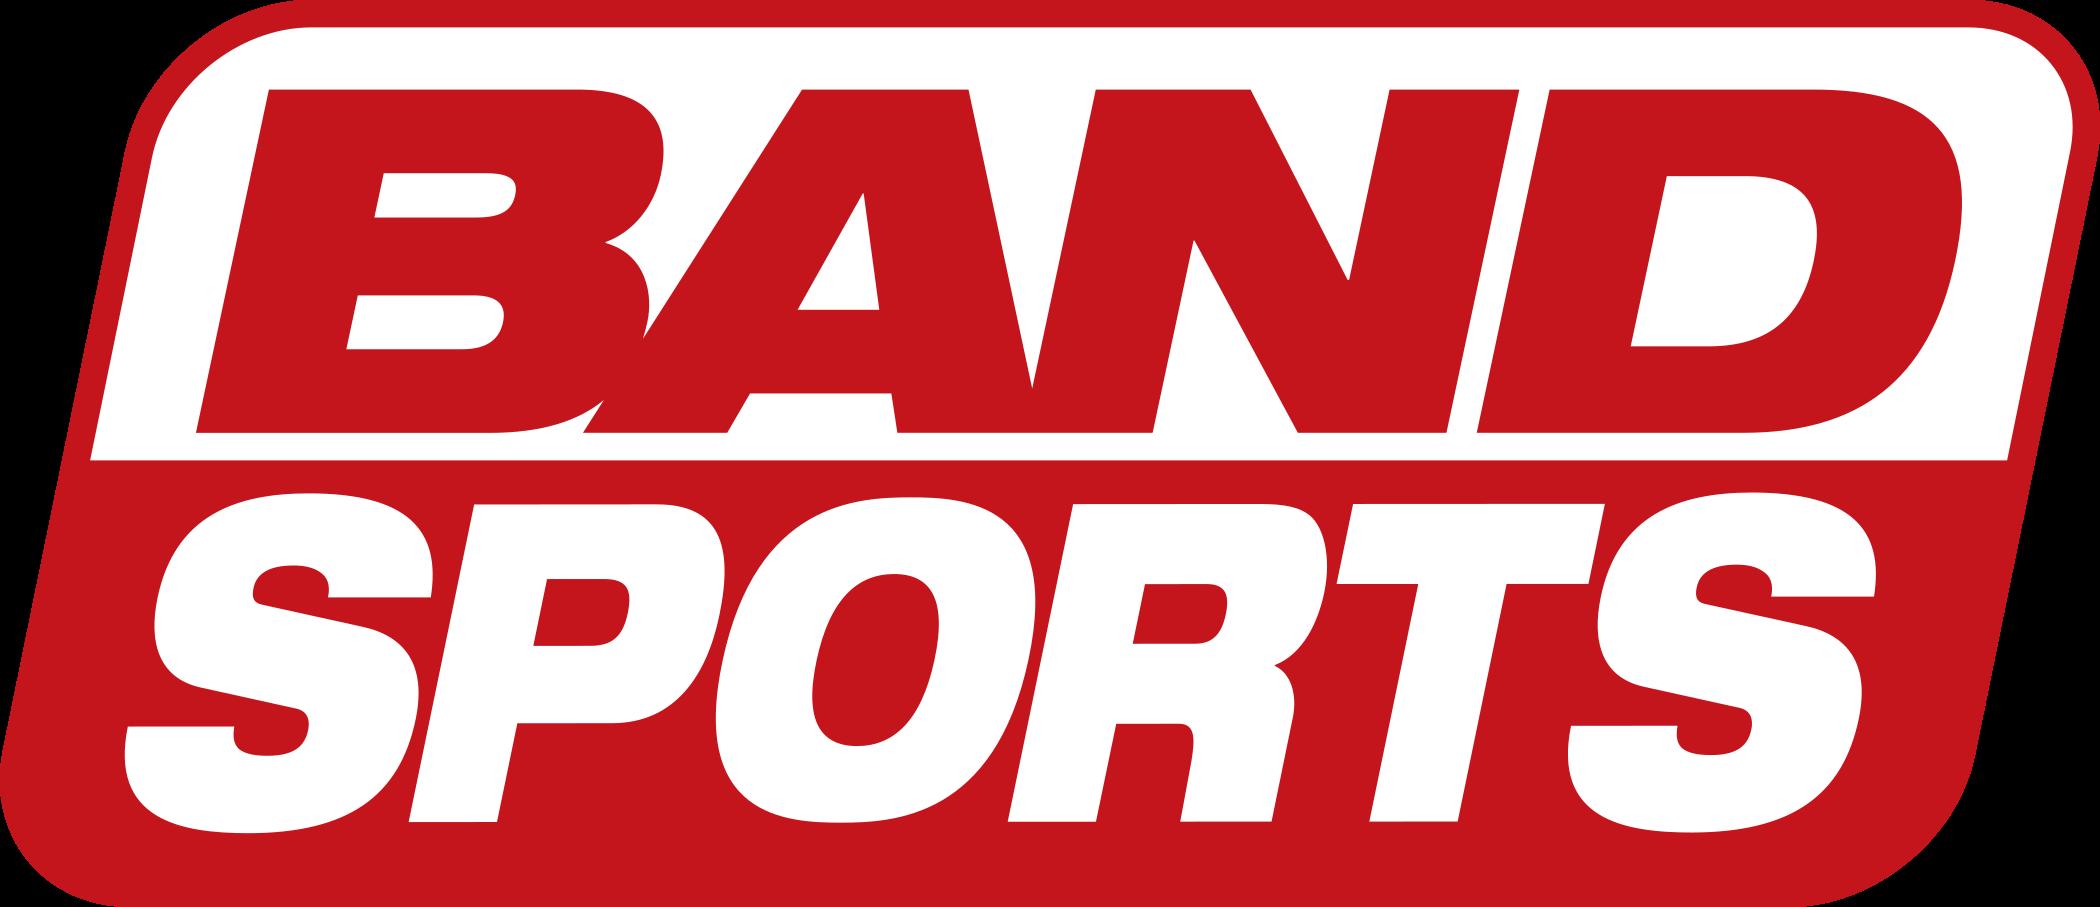 bandsports-logo-1